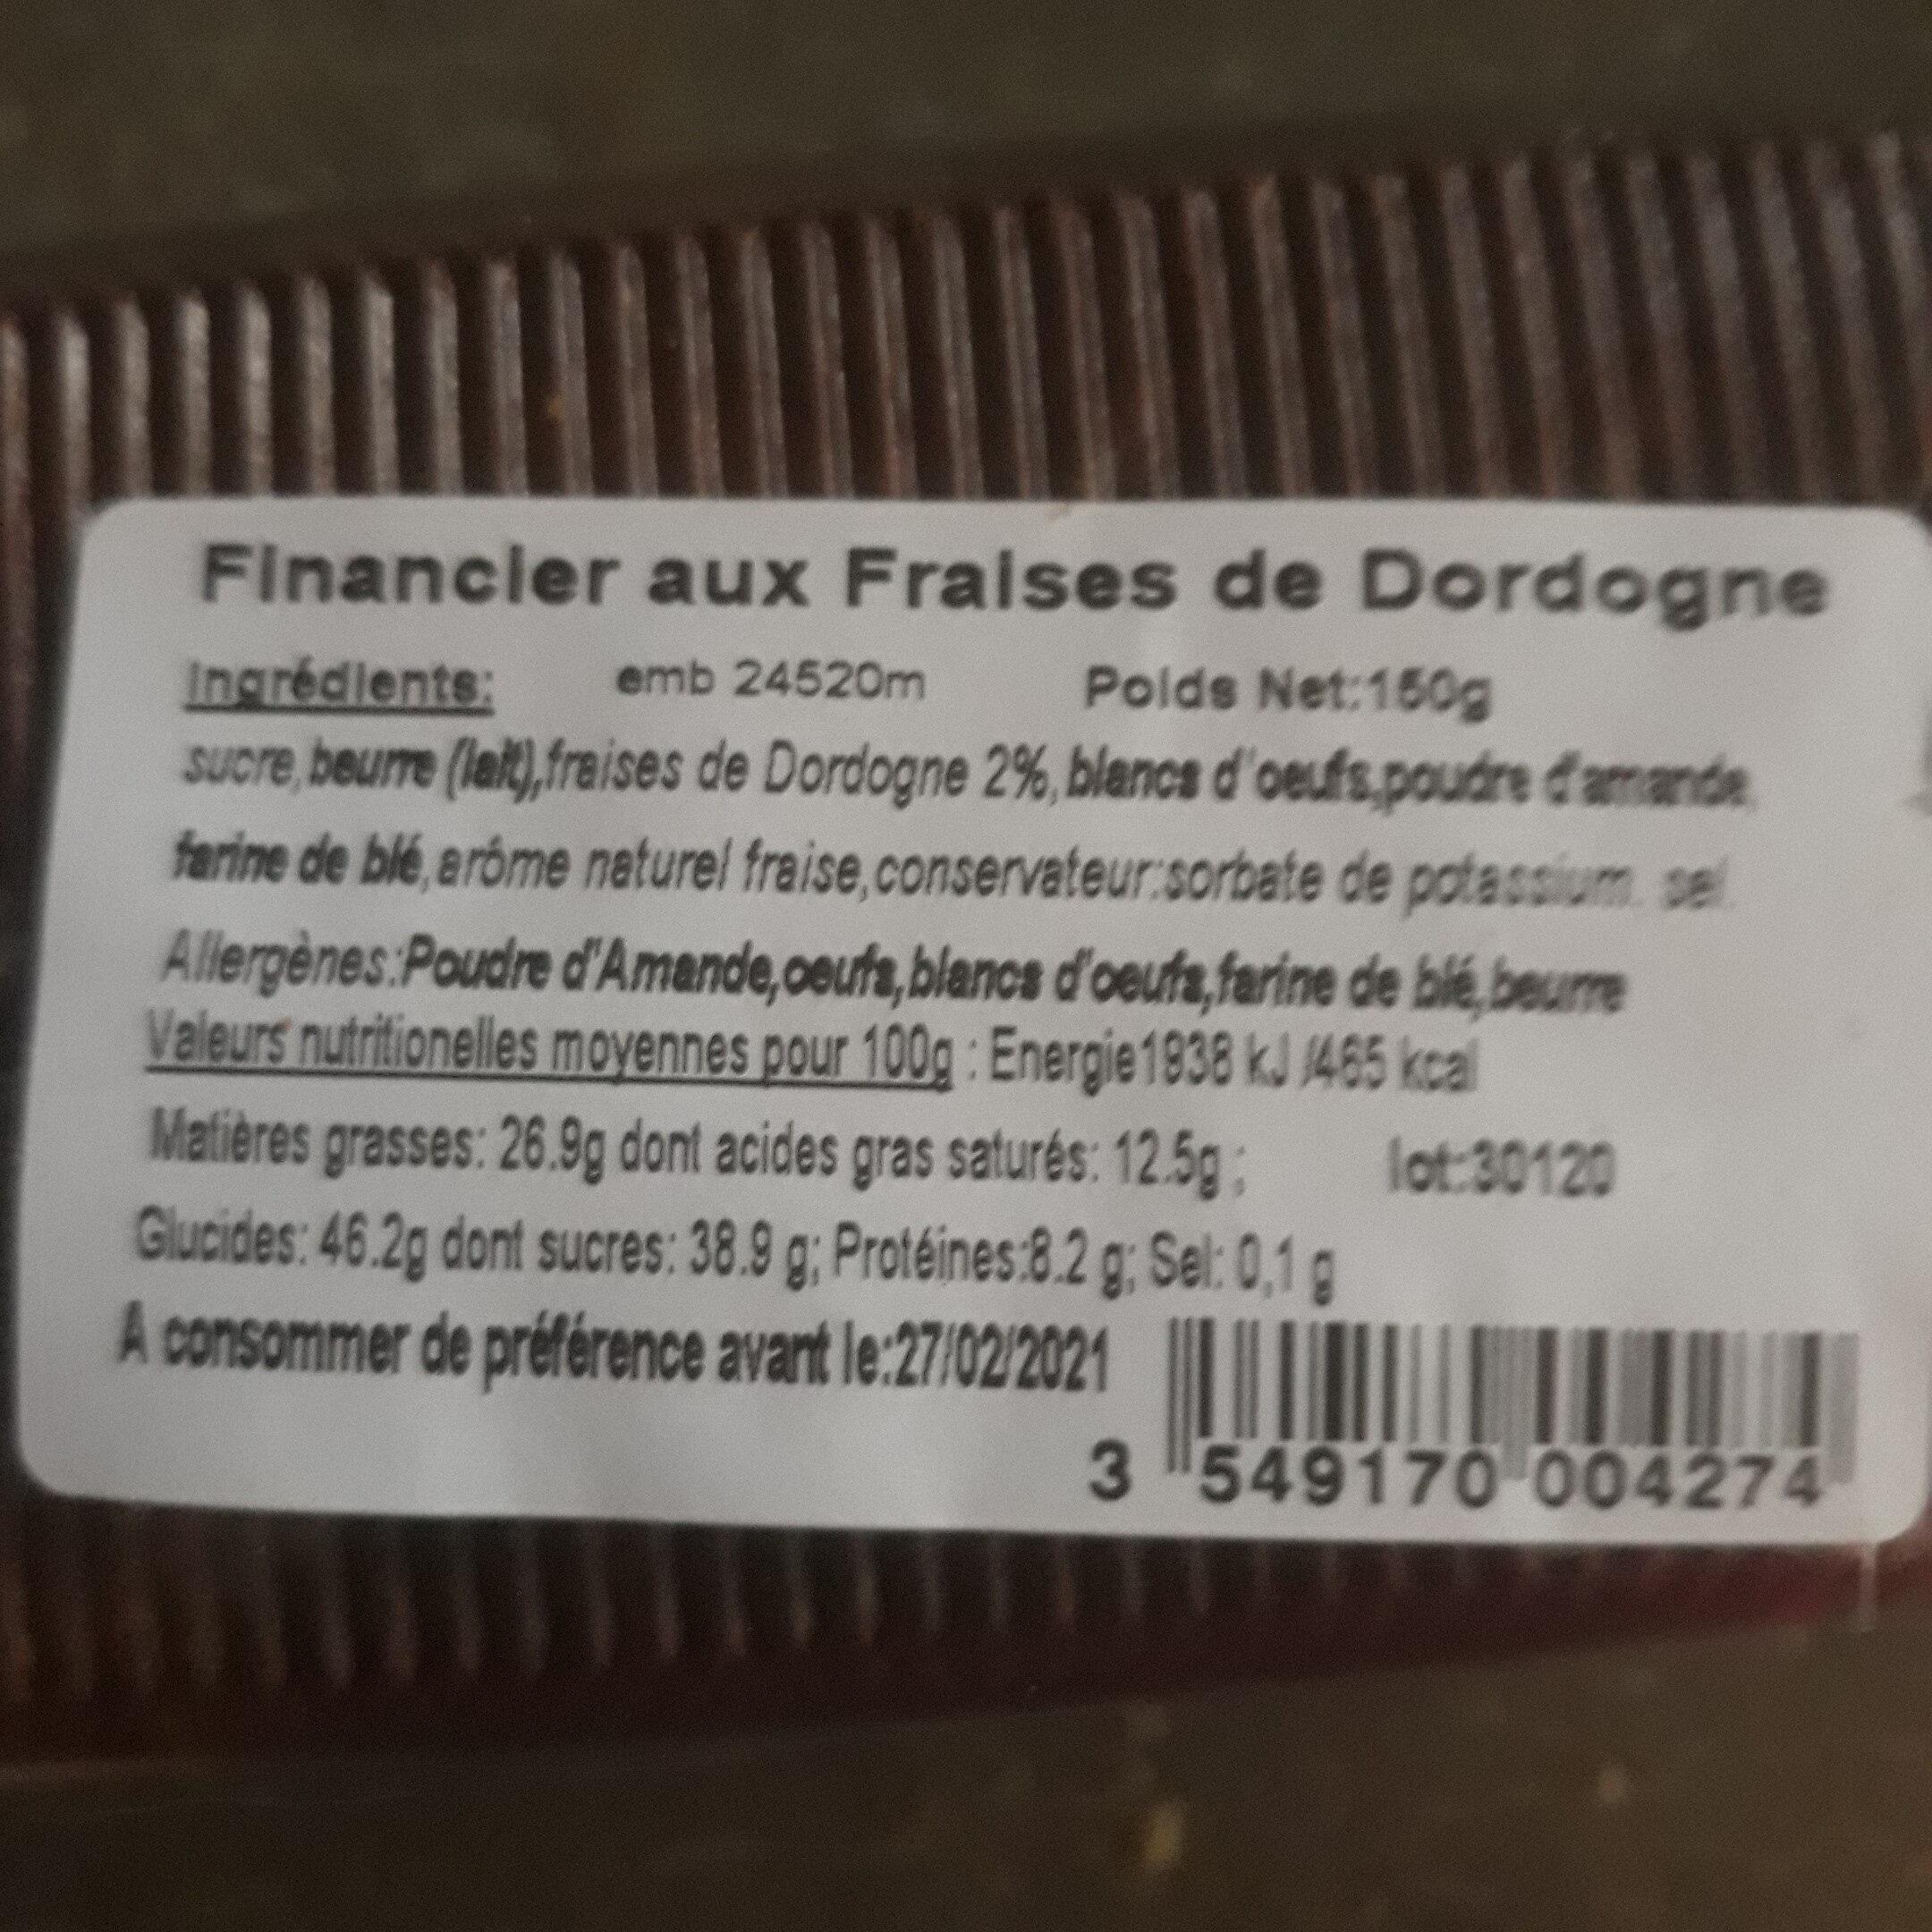 Financier aux Fraises de Dordogne - Ingredients - fr